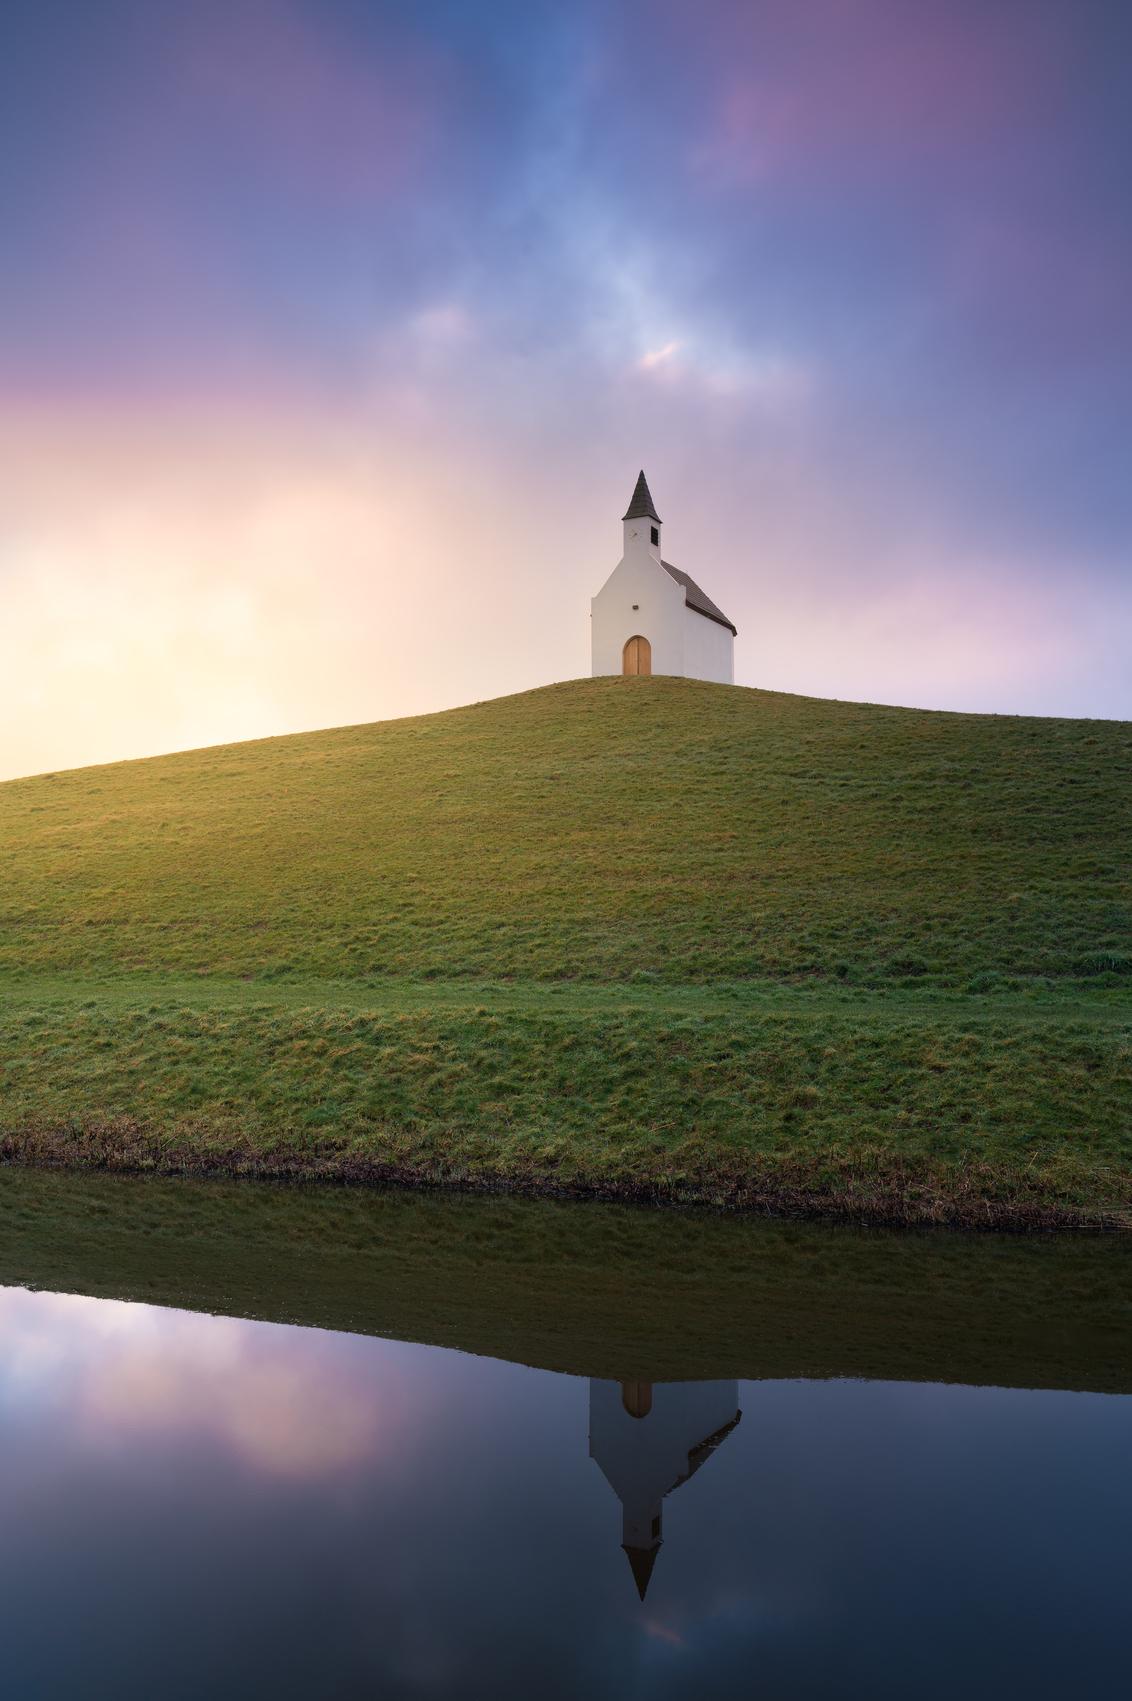 Morning glory - Mooi in z'n eenvoud - foto door renevierhuis op 03-03-2021 - deze foto bevat: lucht, wolken, zon, water, natuur, licht, spiegeling, landschap, zonsopkomst, kerkje, heuvel, lange sluitertijd